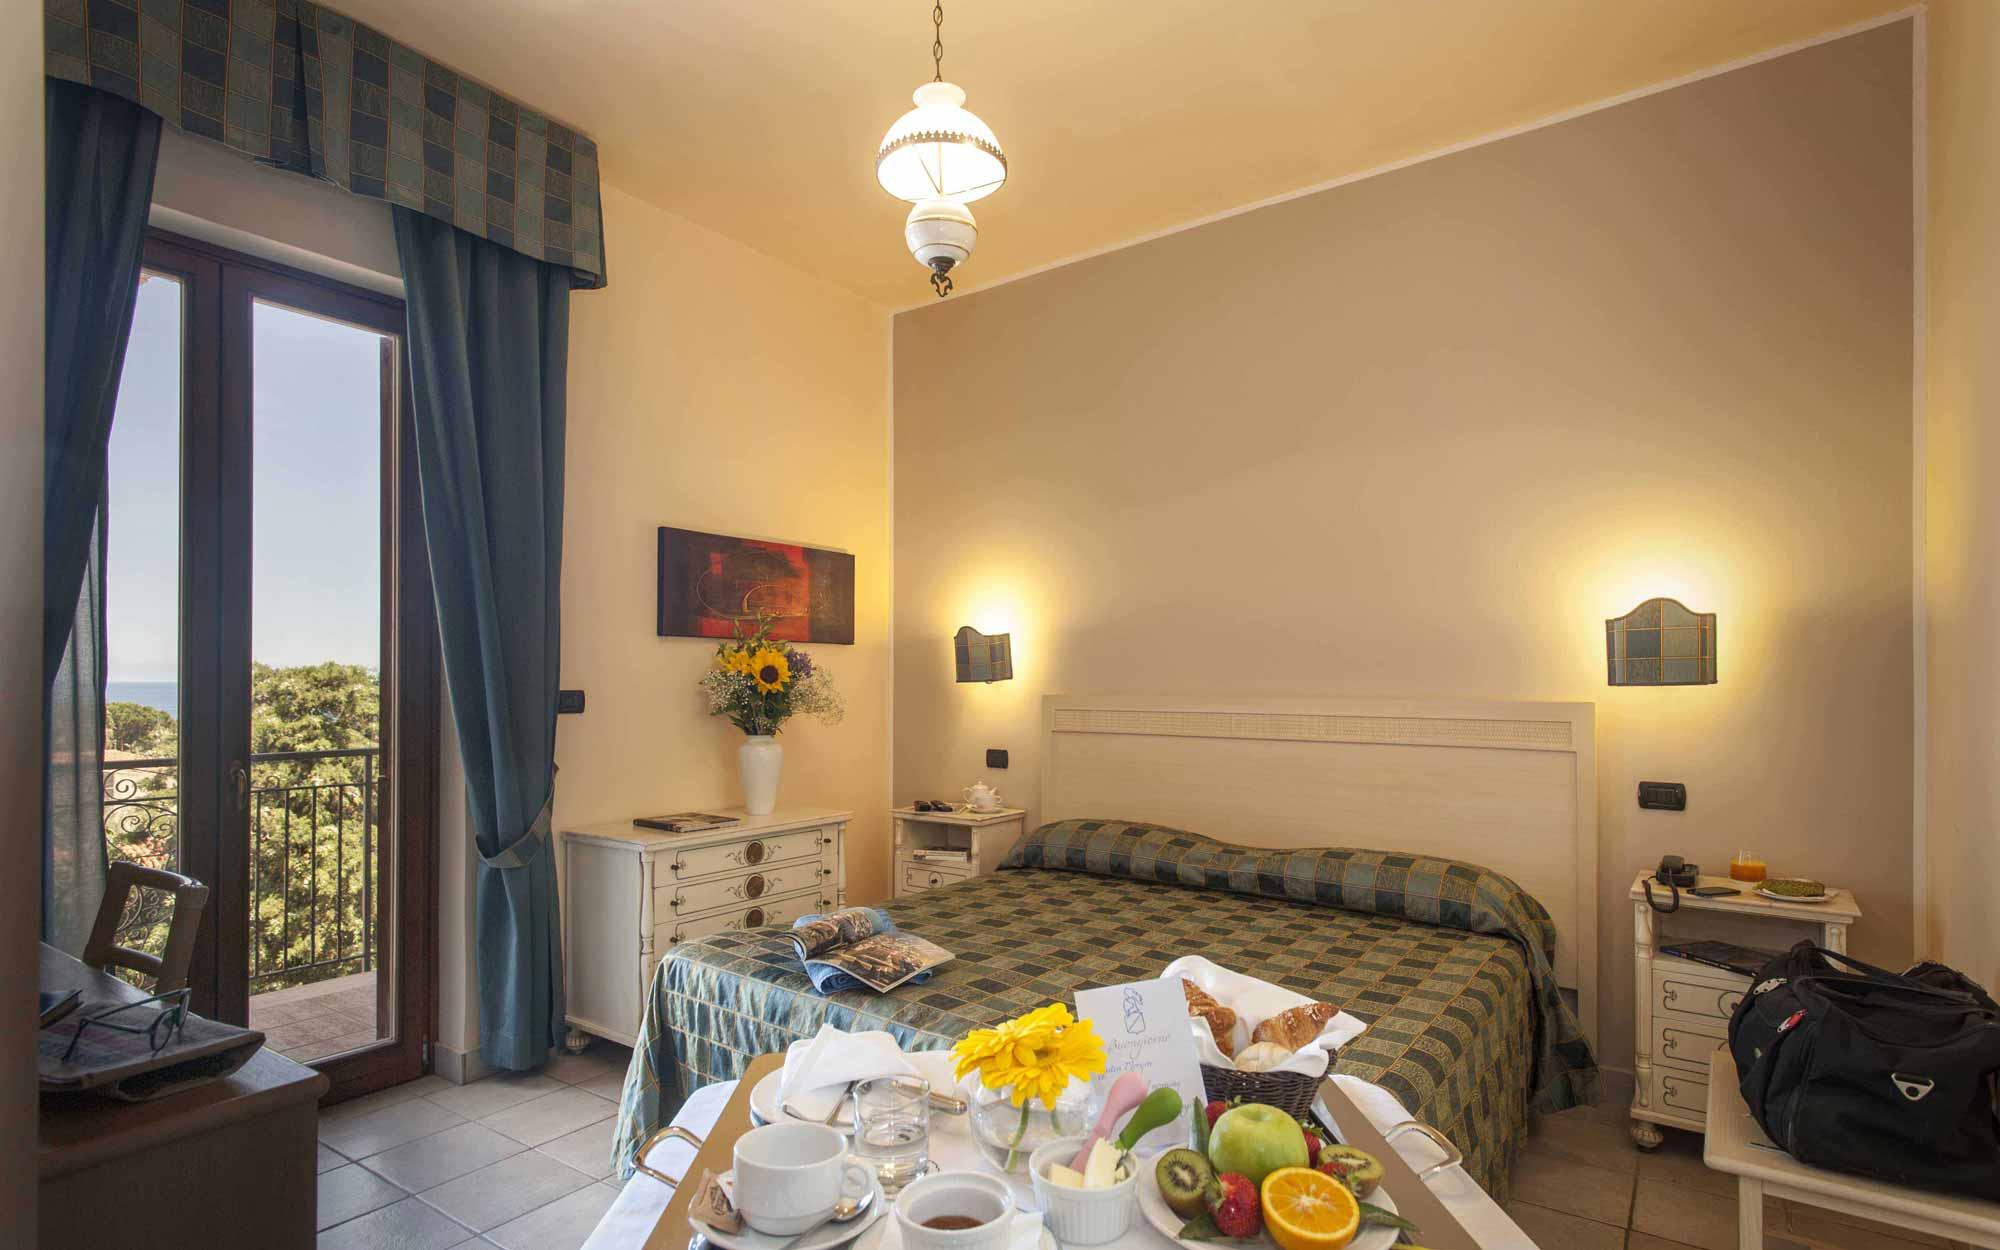 Room interior at Baia del Capitano